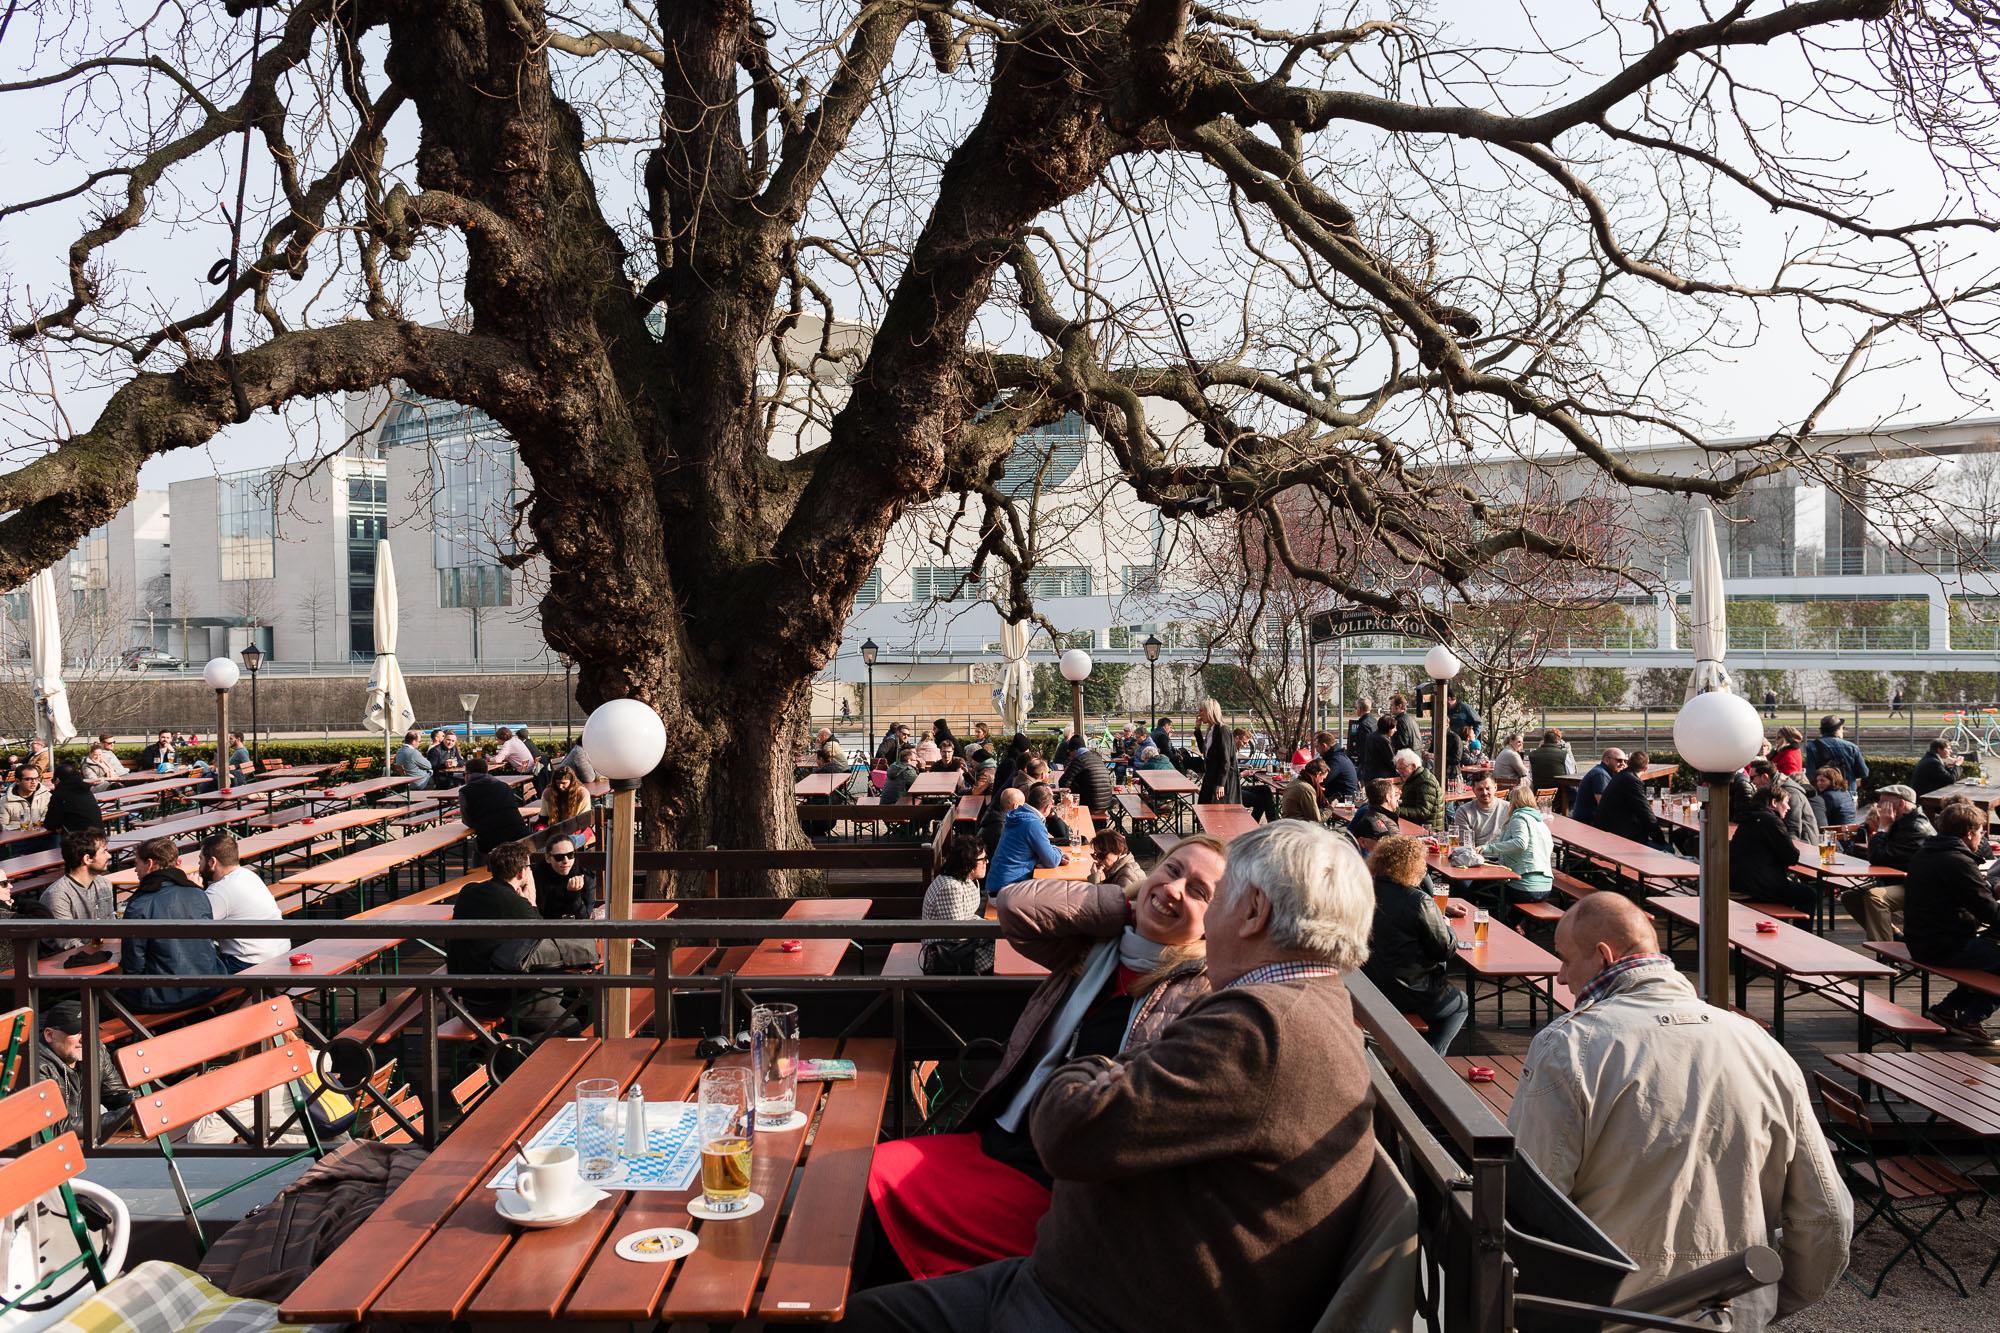 Clients au pied d'un arbre dans un biergarten de Berlin